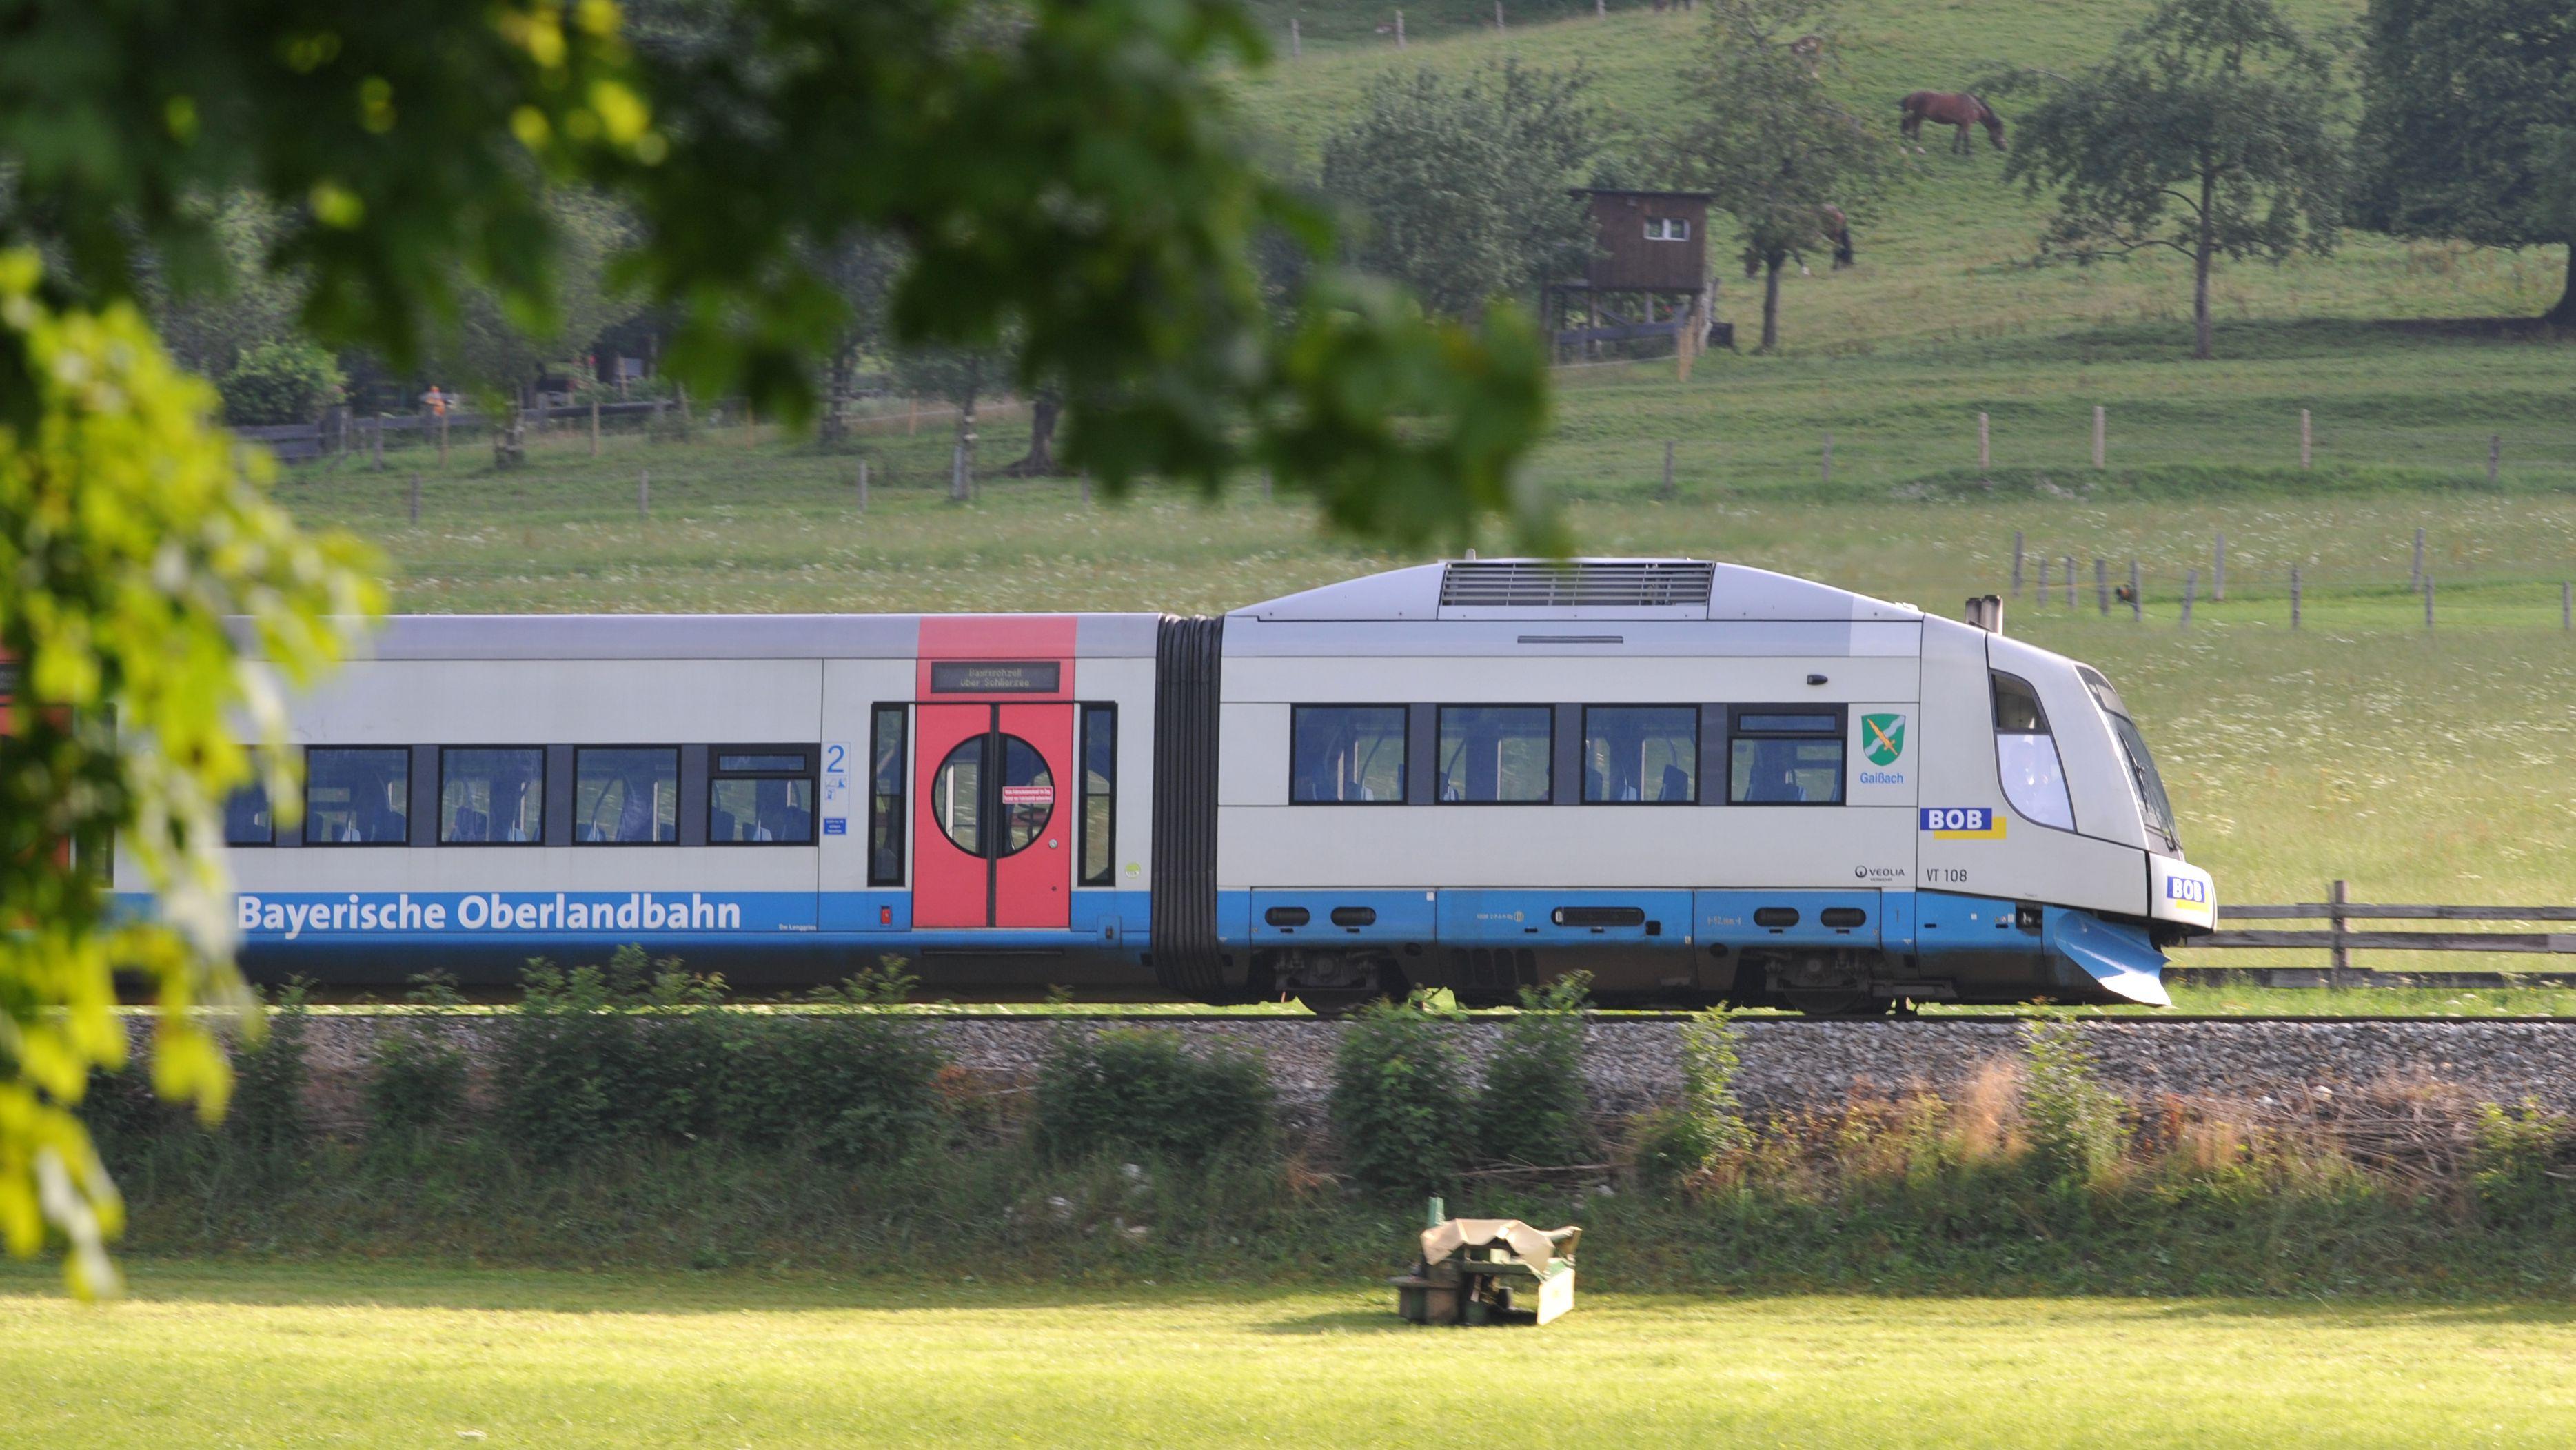 Die Bayerische Oberlandbahn (BOB) fährt durch das Land in der Nähe der Ortschaft Osterhofen.